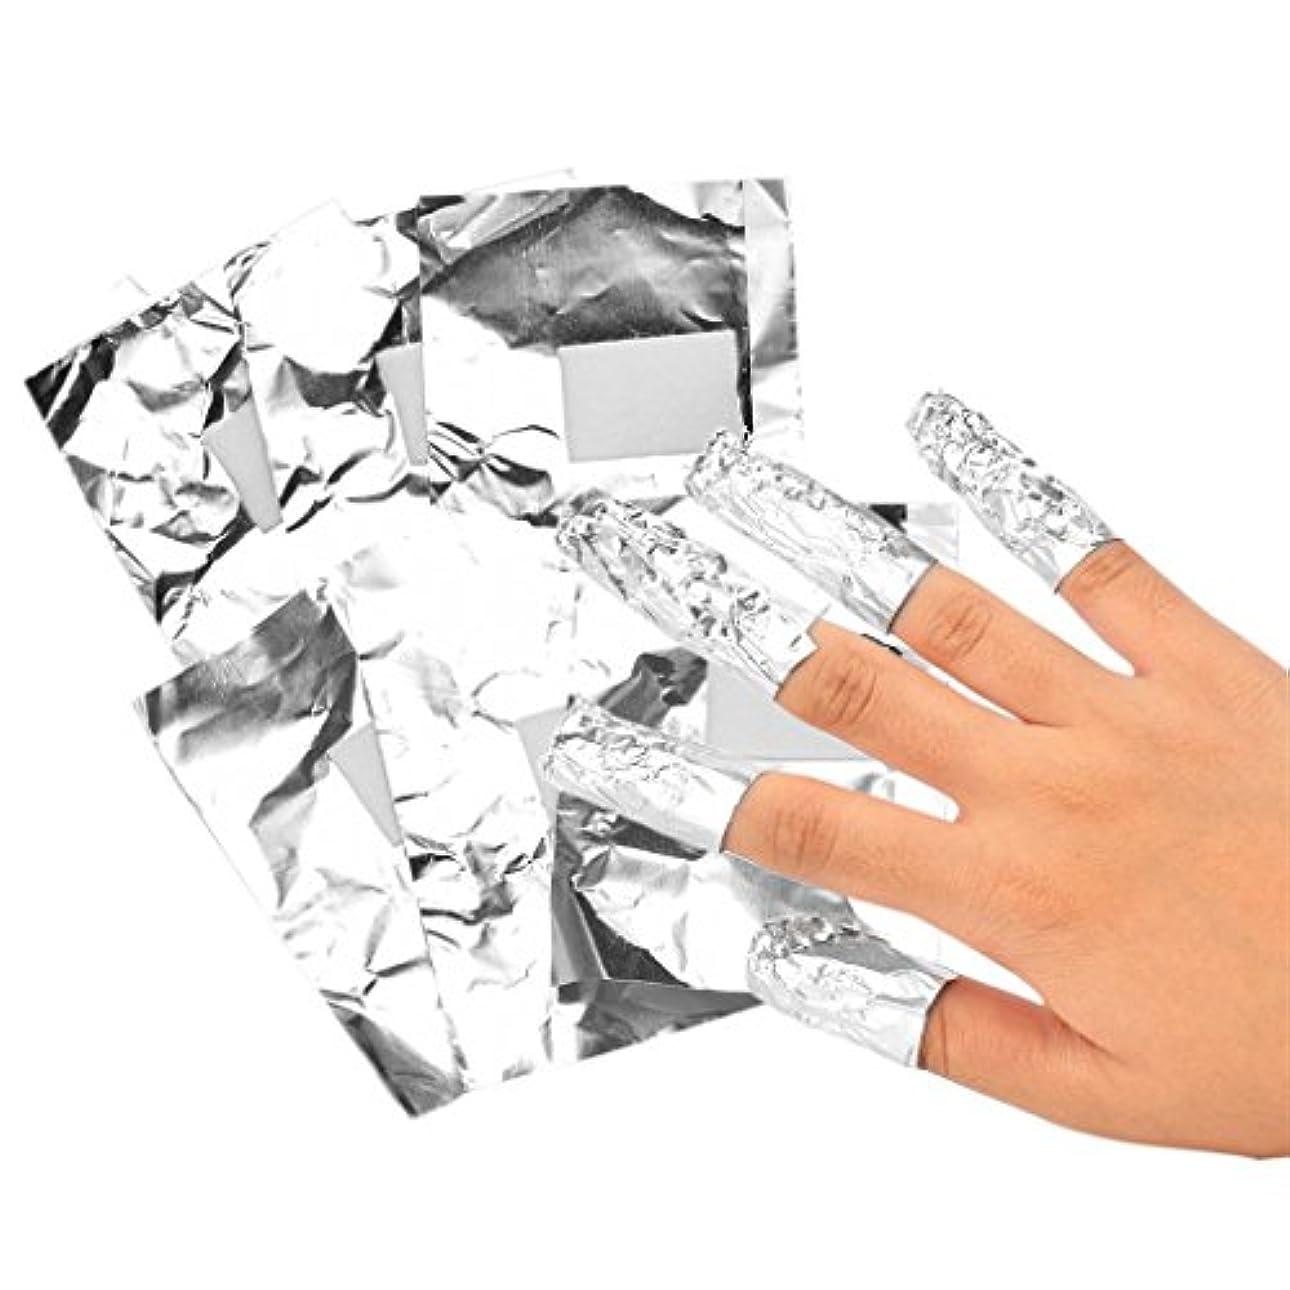 フィットネスコテージ確認するPerfeclan 約100本入り ネイルフォイル アルミ箔 ネイルアートジェル除去ツール プロ 爪装飾除き 包み紙